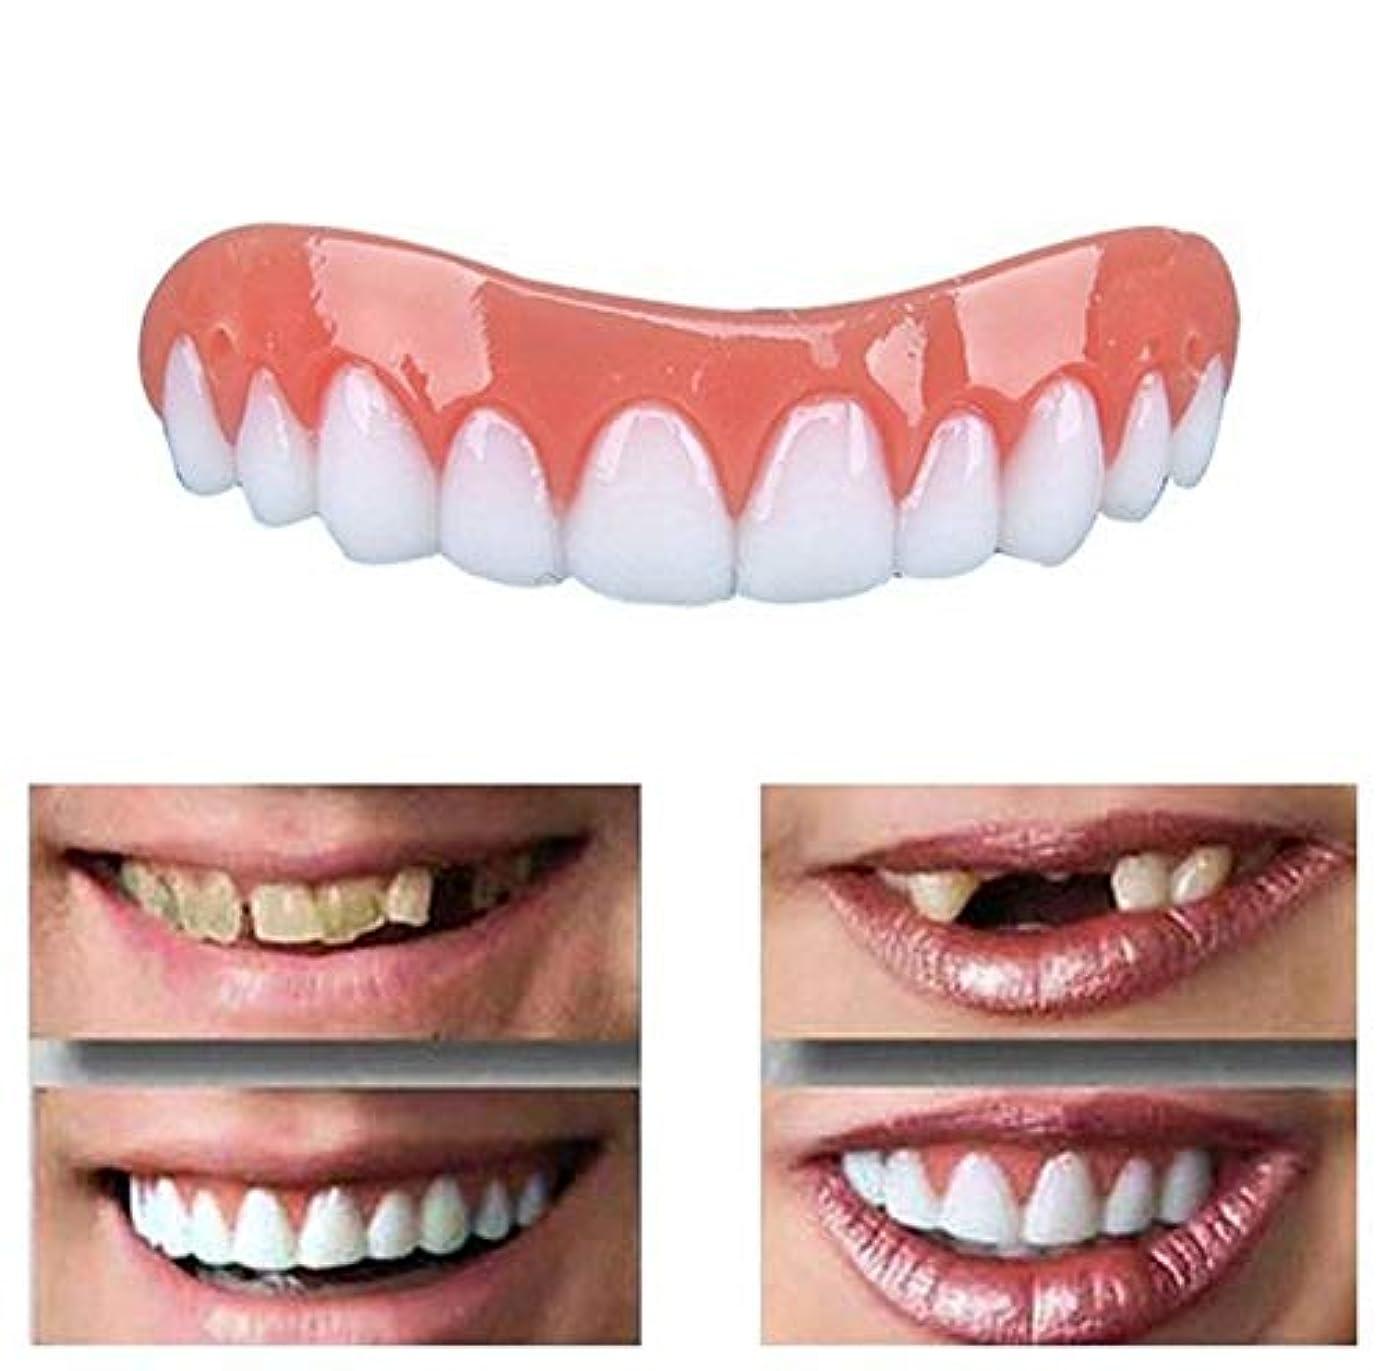 スタジオ非公式内なるキットの歯セットの化粧品の上部のベニヤを白くする歯の微笑のベニヤのシリコーンの訂正